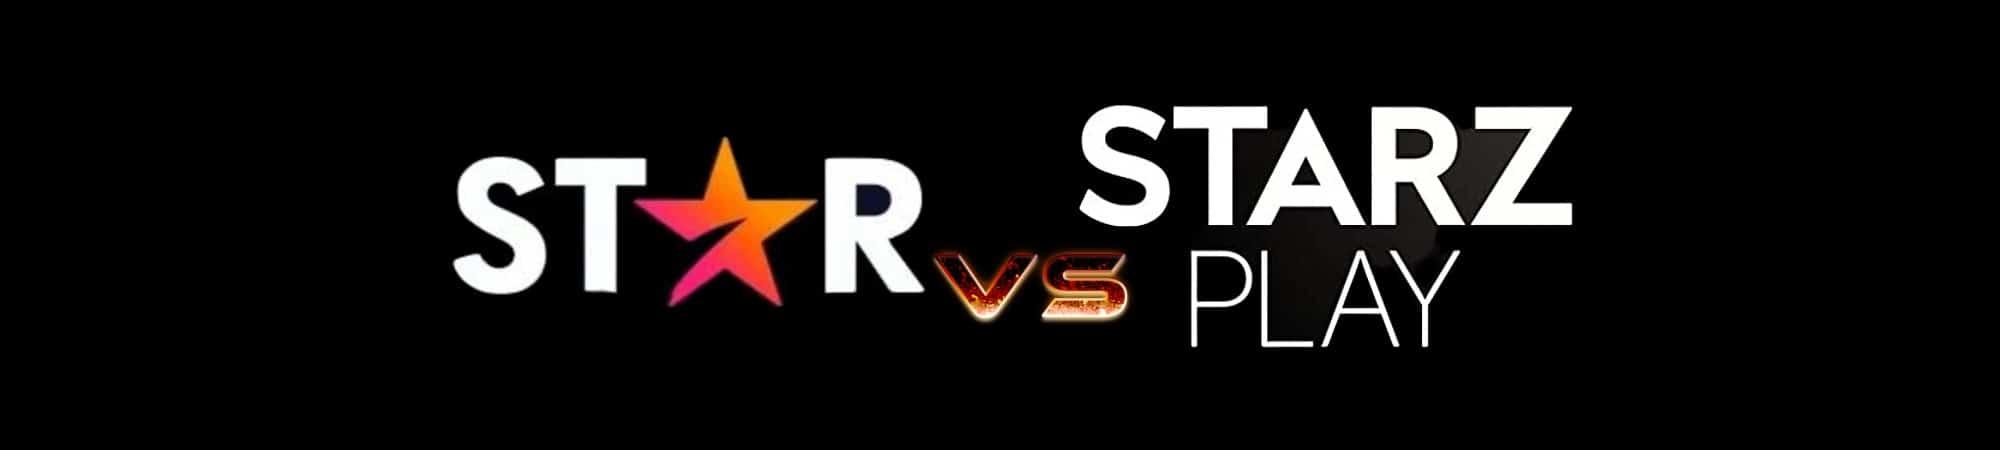 Star+ vs Starz